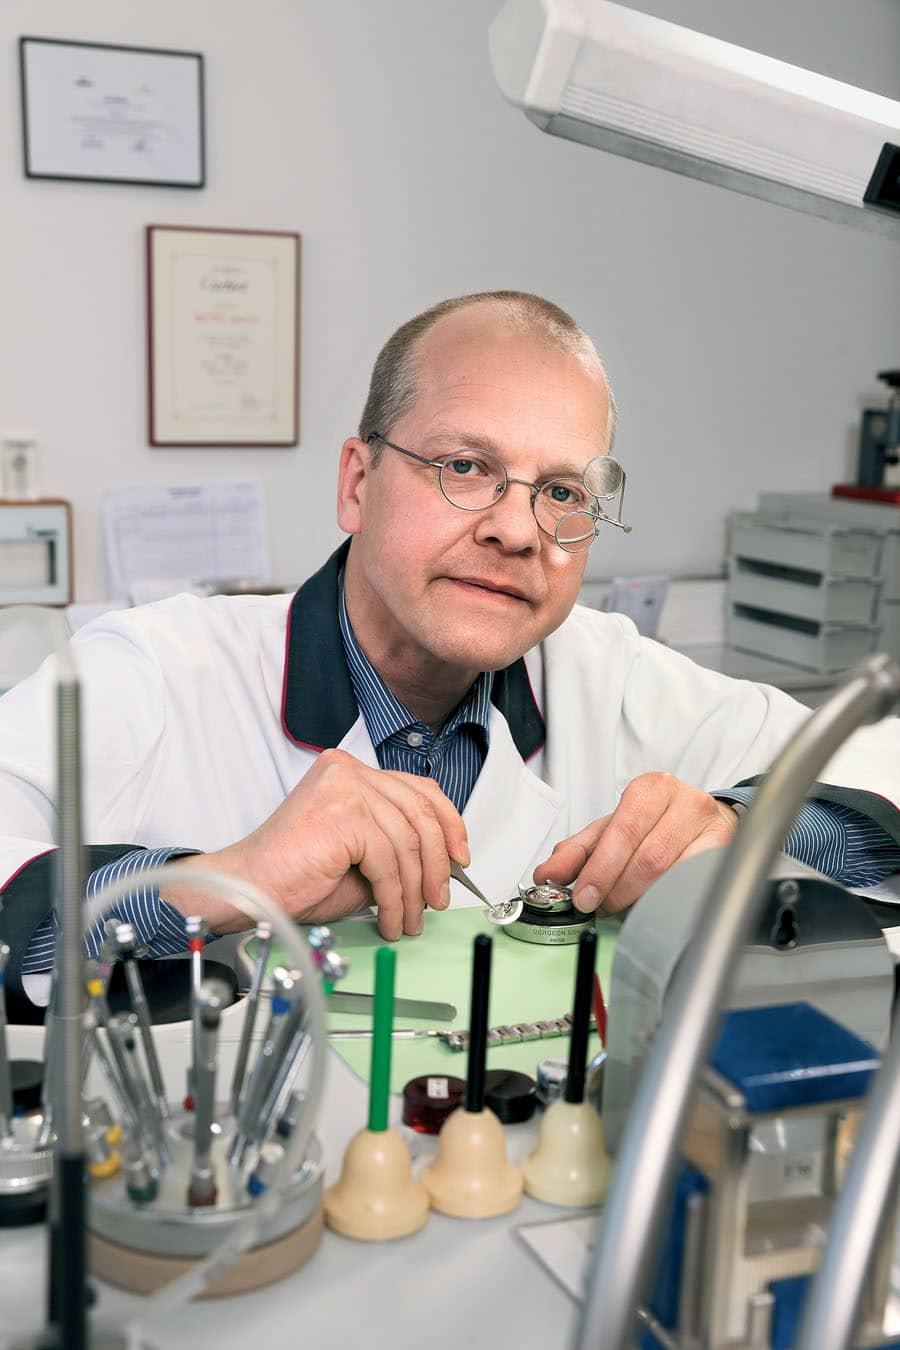 Peter Irle, Uhrmachermeister in der Hamburger Zentralwerkstatt bei Juwelier Wempe